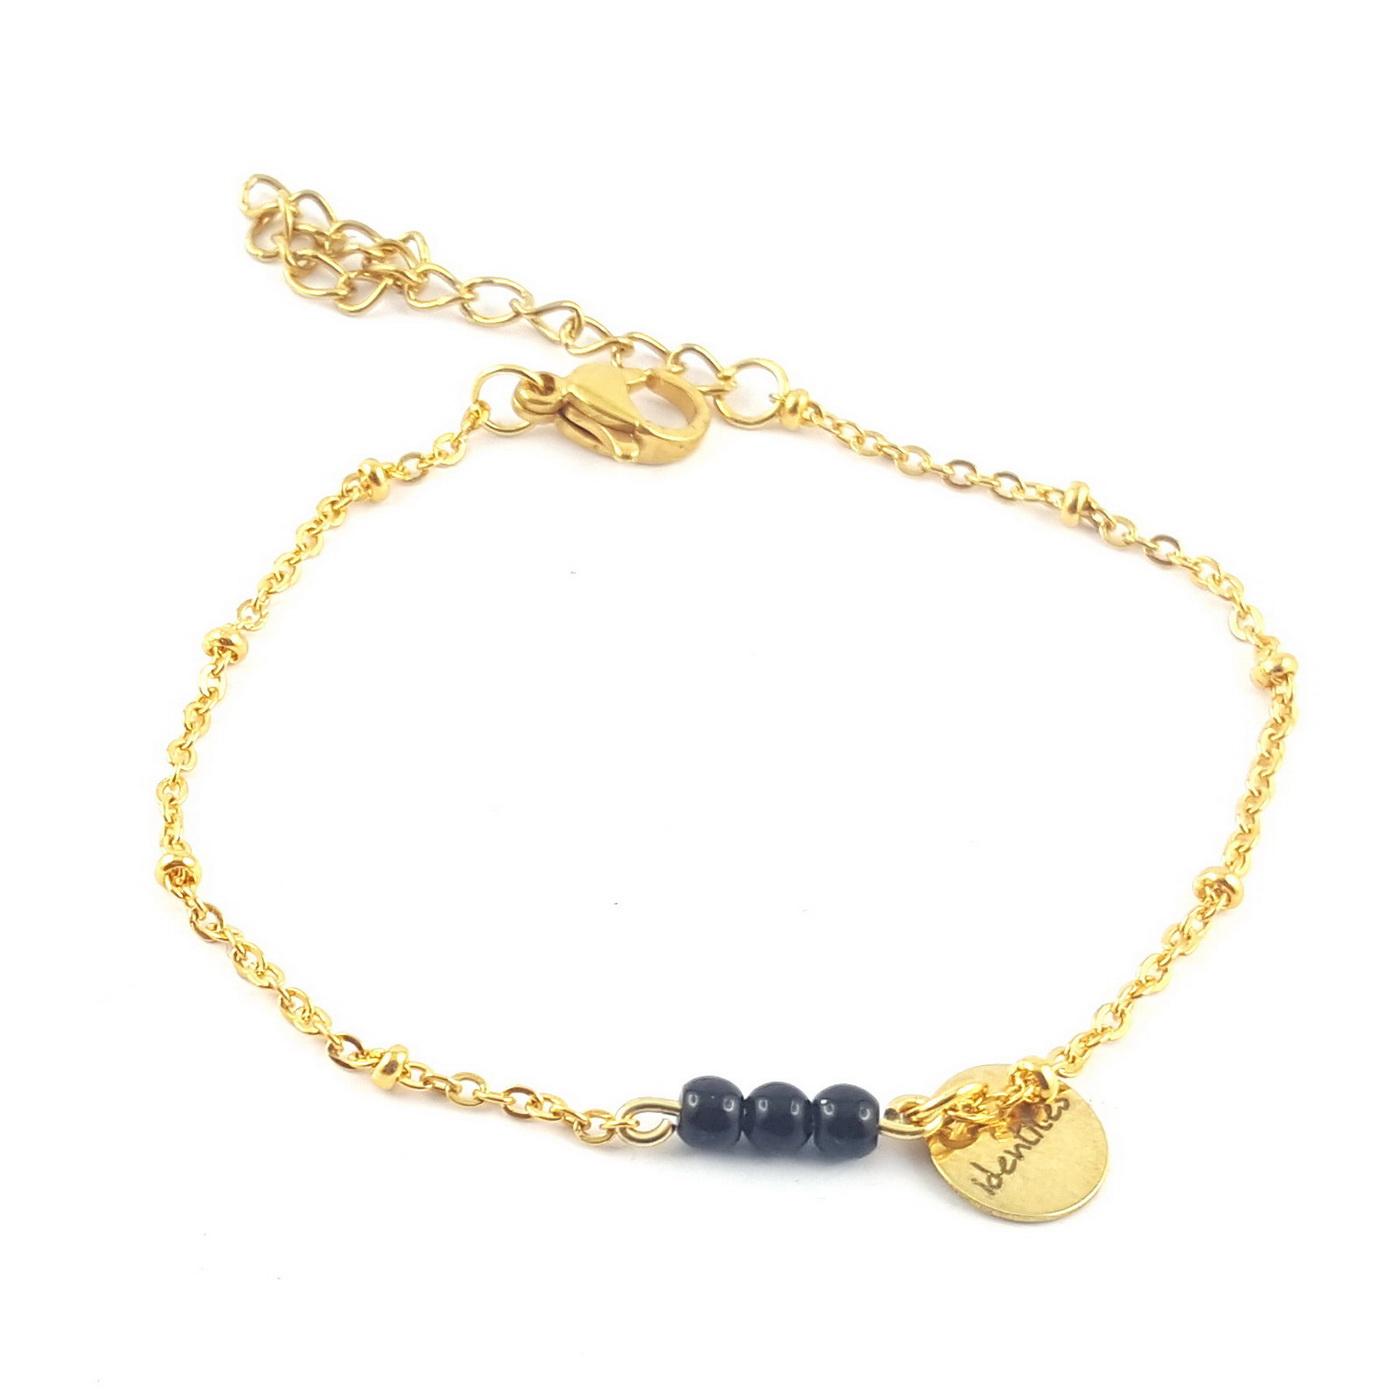 bracelet trois perles noires agates sur chaîne finition or